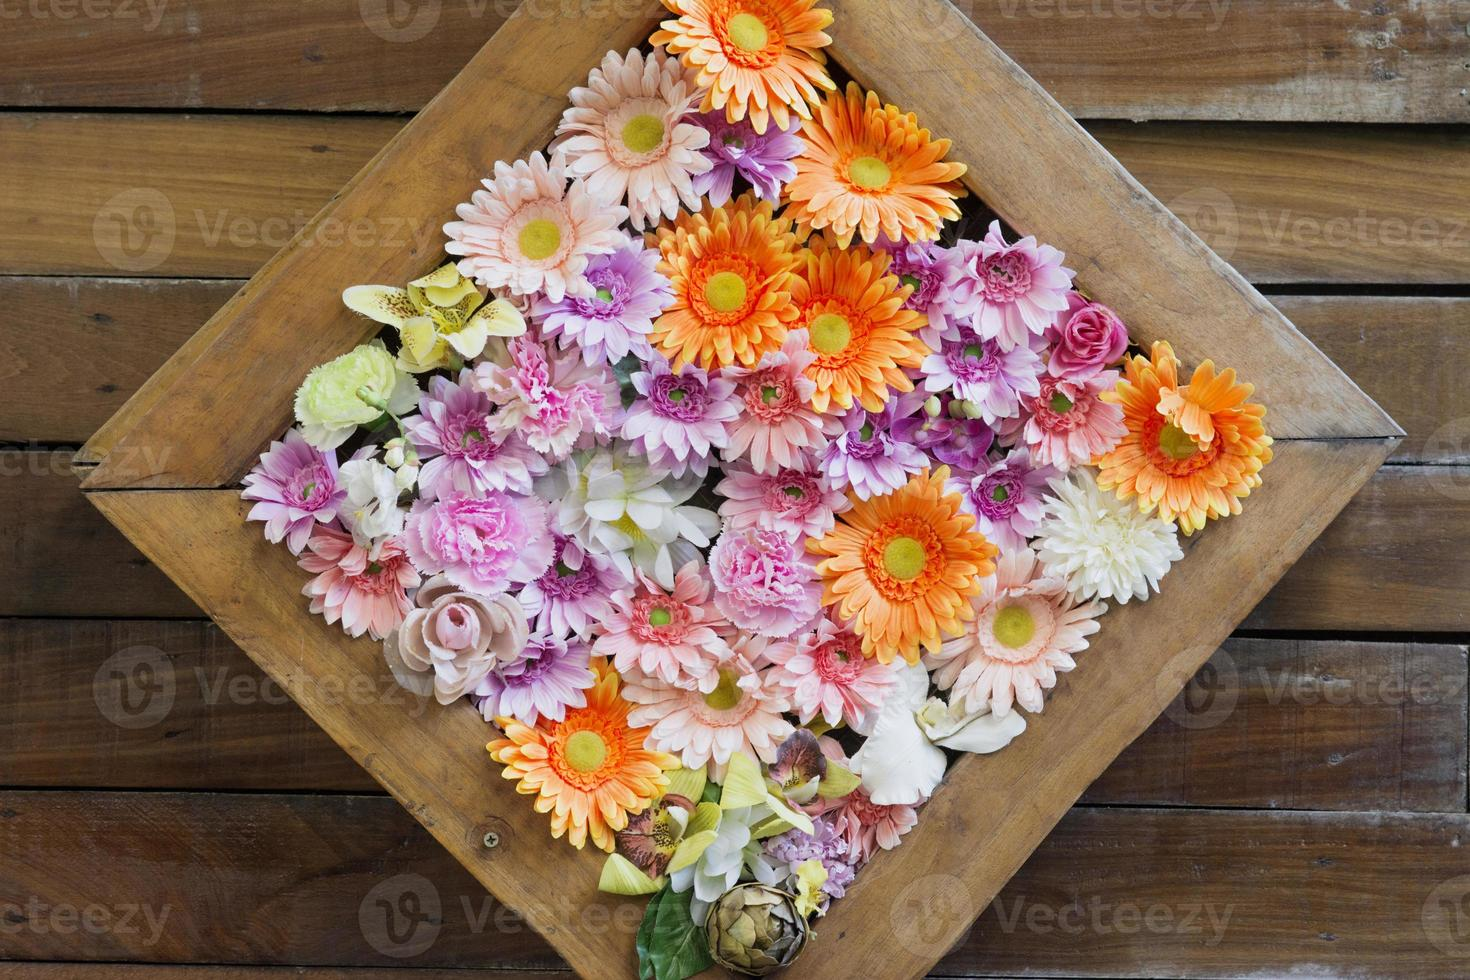 muitas flores unidas lindamente foto